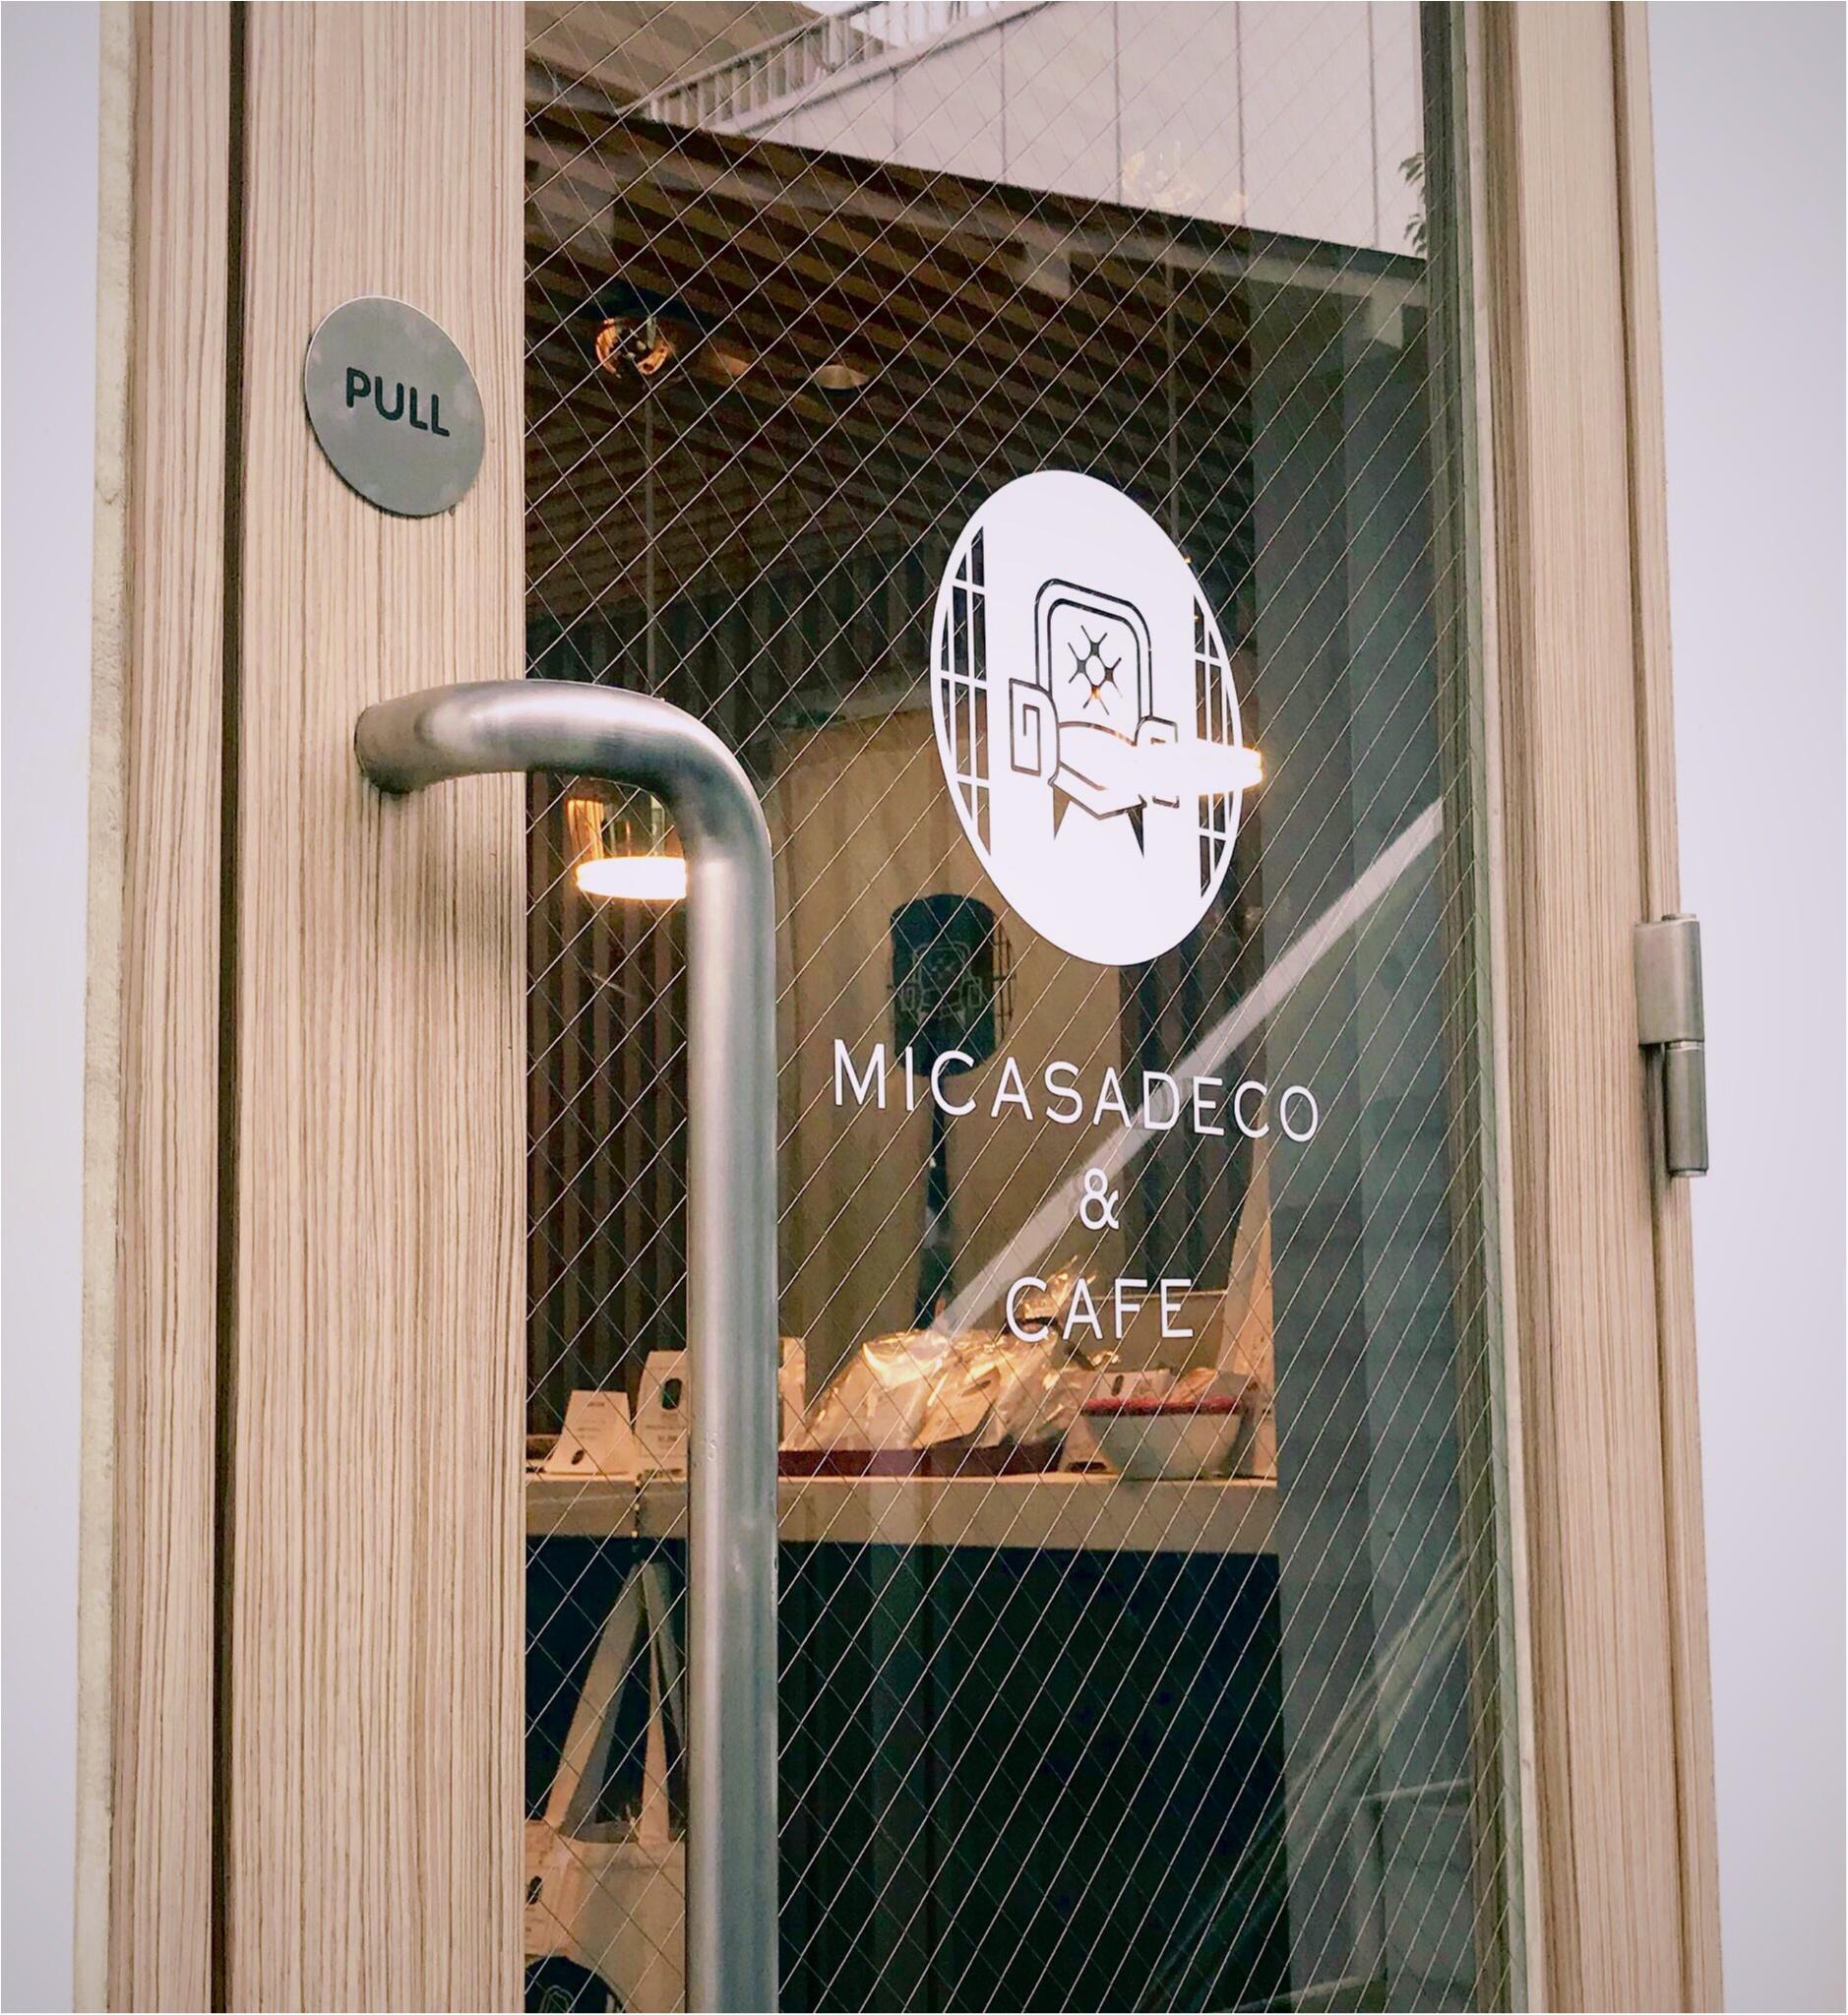 並んででも食べたいふわっふわパンケーキ♡神宮にあるミカサデコ&カフェのリコッタチーズパンケーキ\(^^)/_2